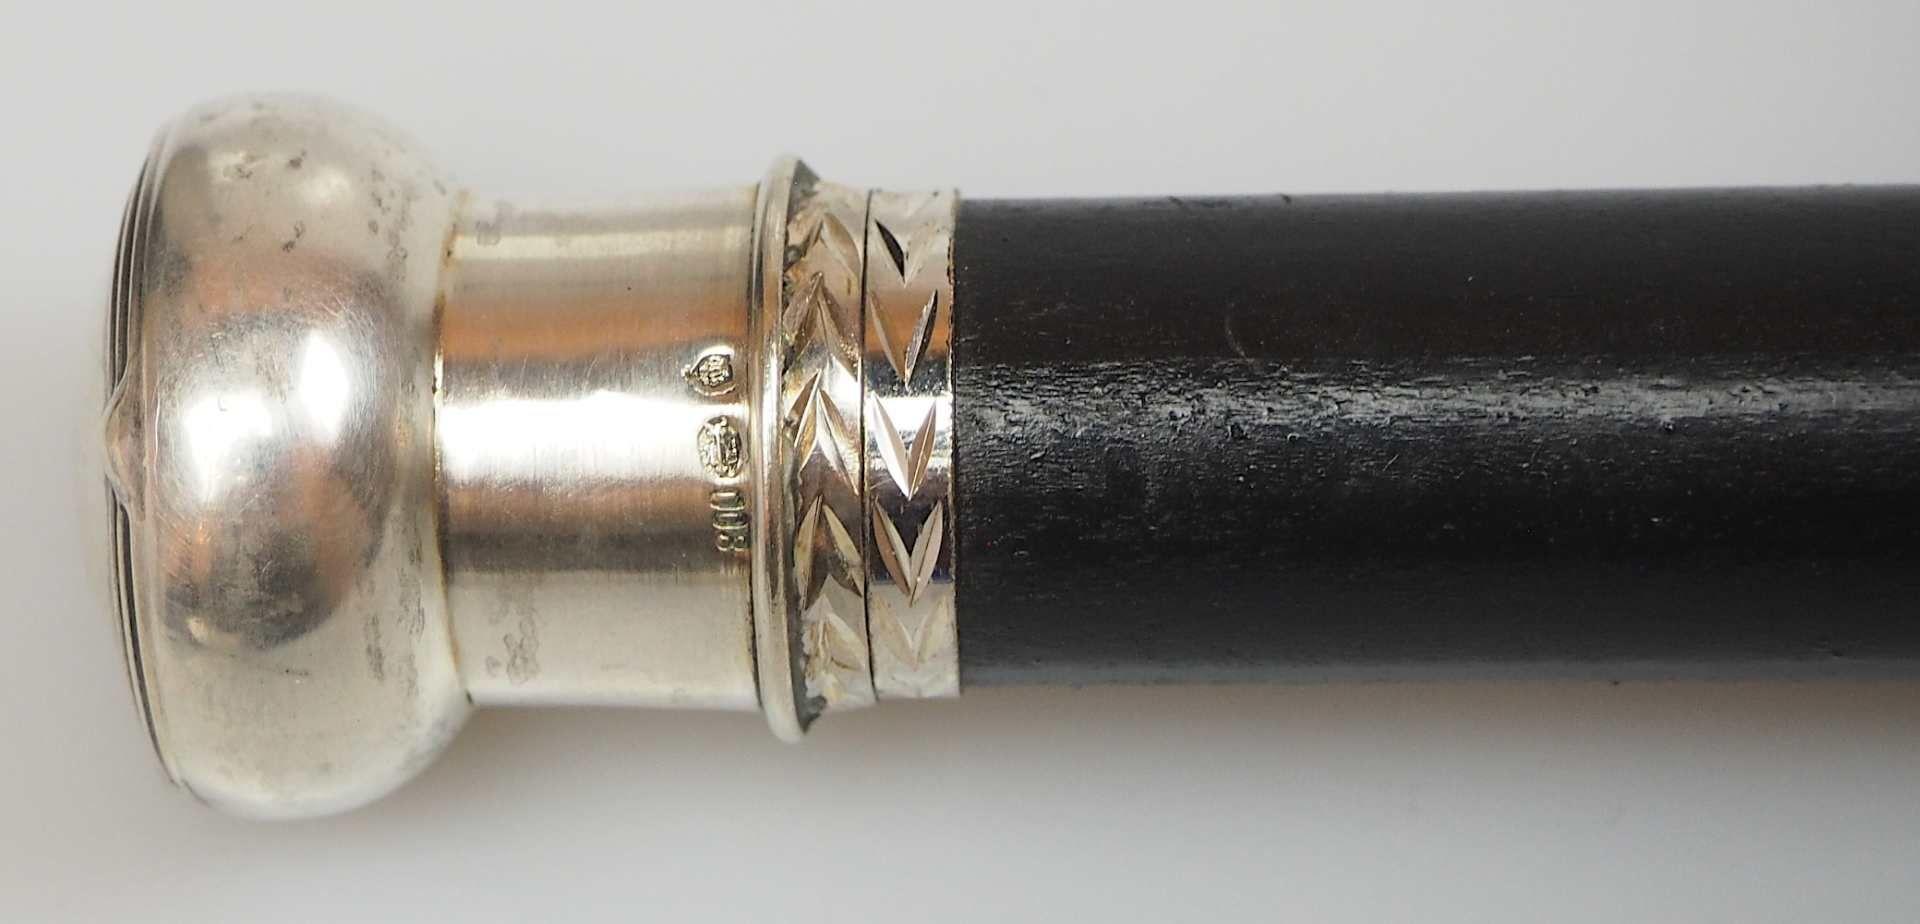 1 Herrenflanierstock, Knauf Silber 800, wohl Anfang 20. Jh. Deutschland ebonisierter H - Bild 2 aus 2